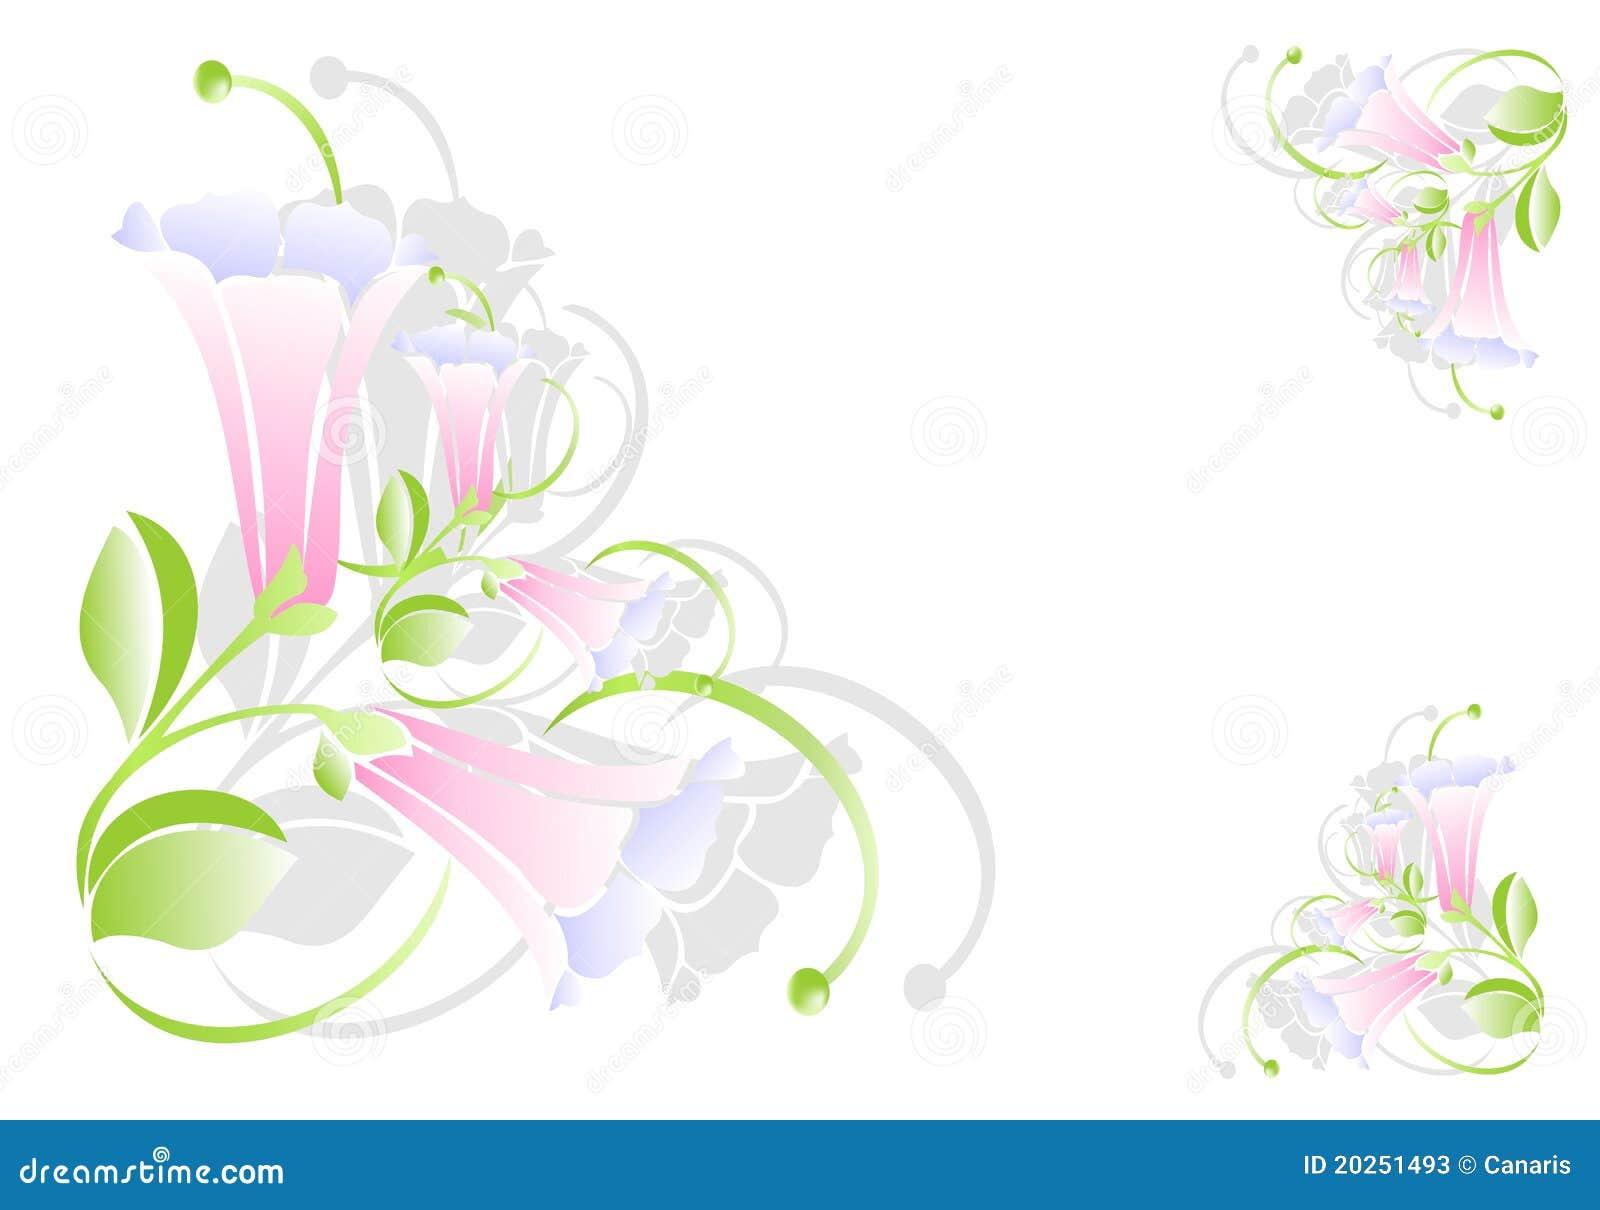 5000+ Gambar Bunga Format Cdr HD Terbaik